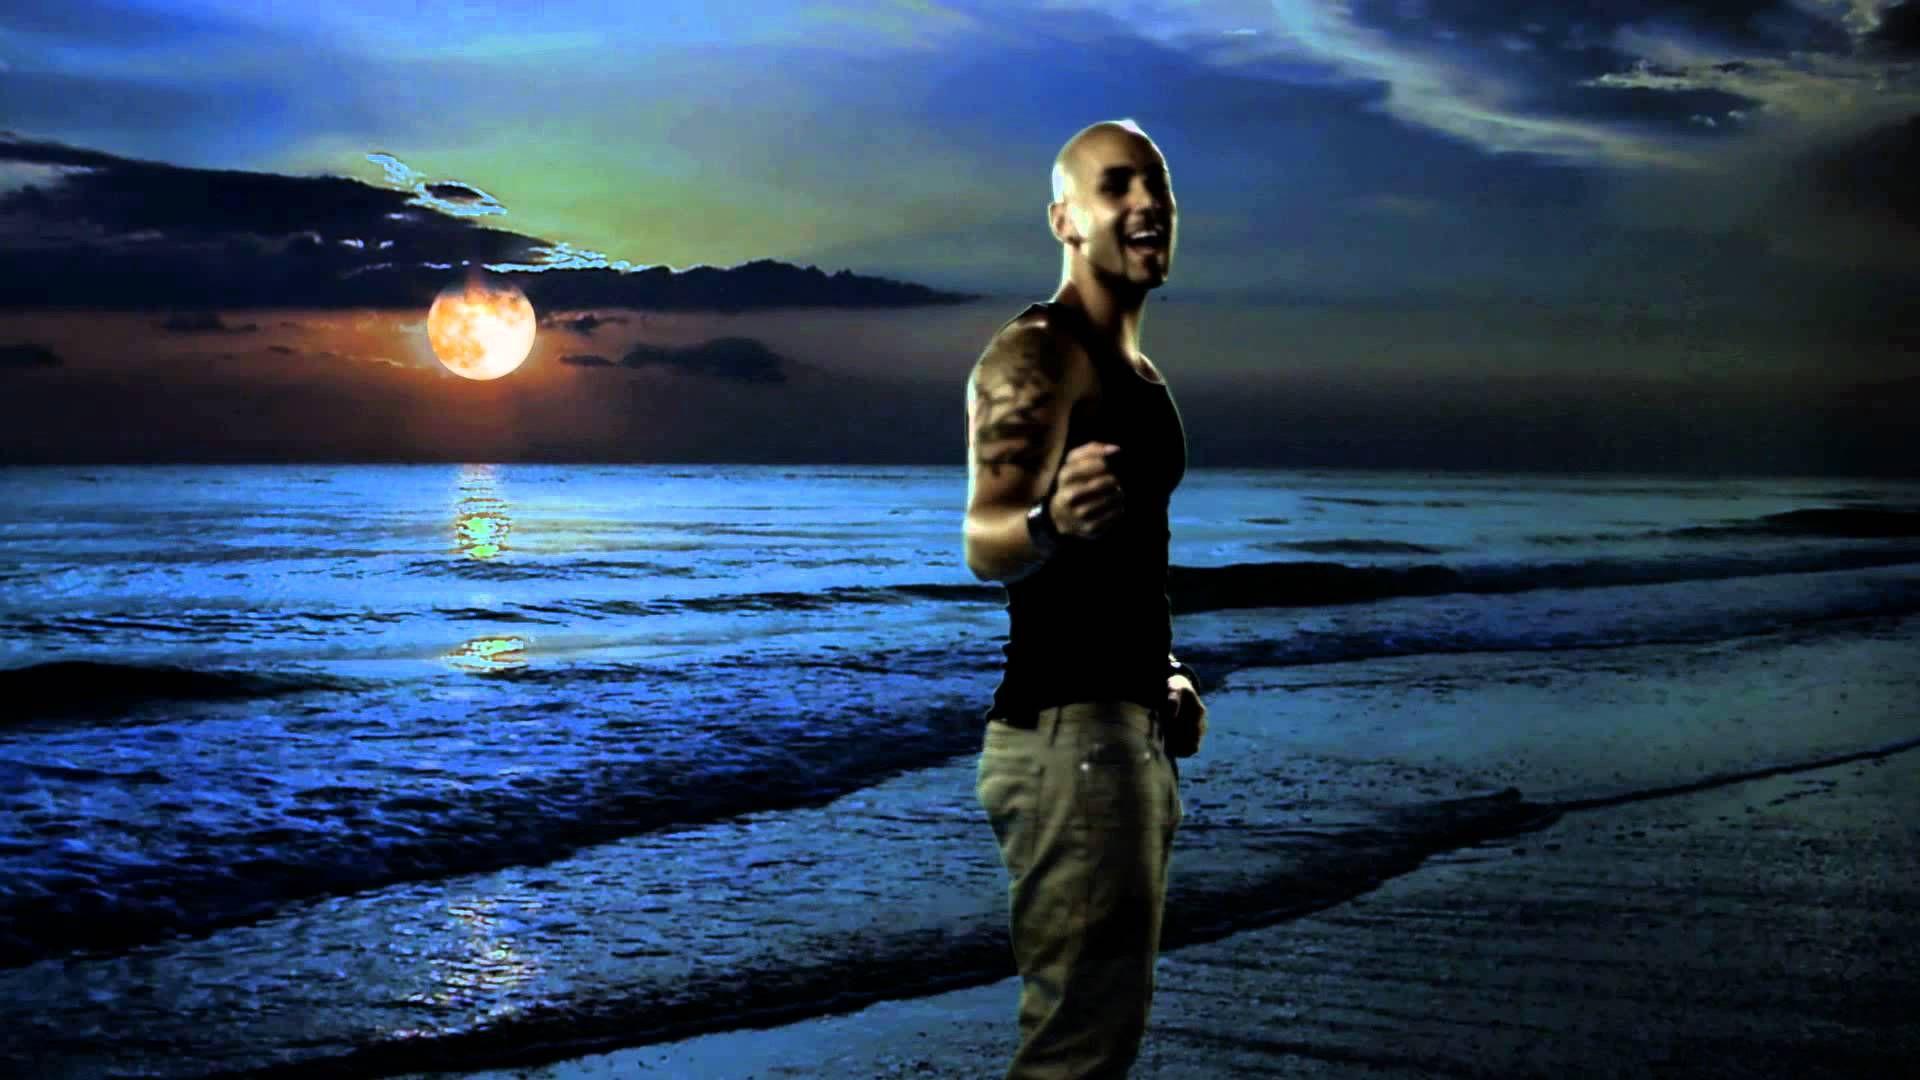 la chanson de massari latin moon